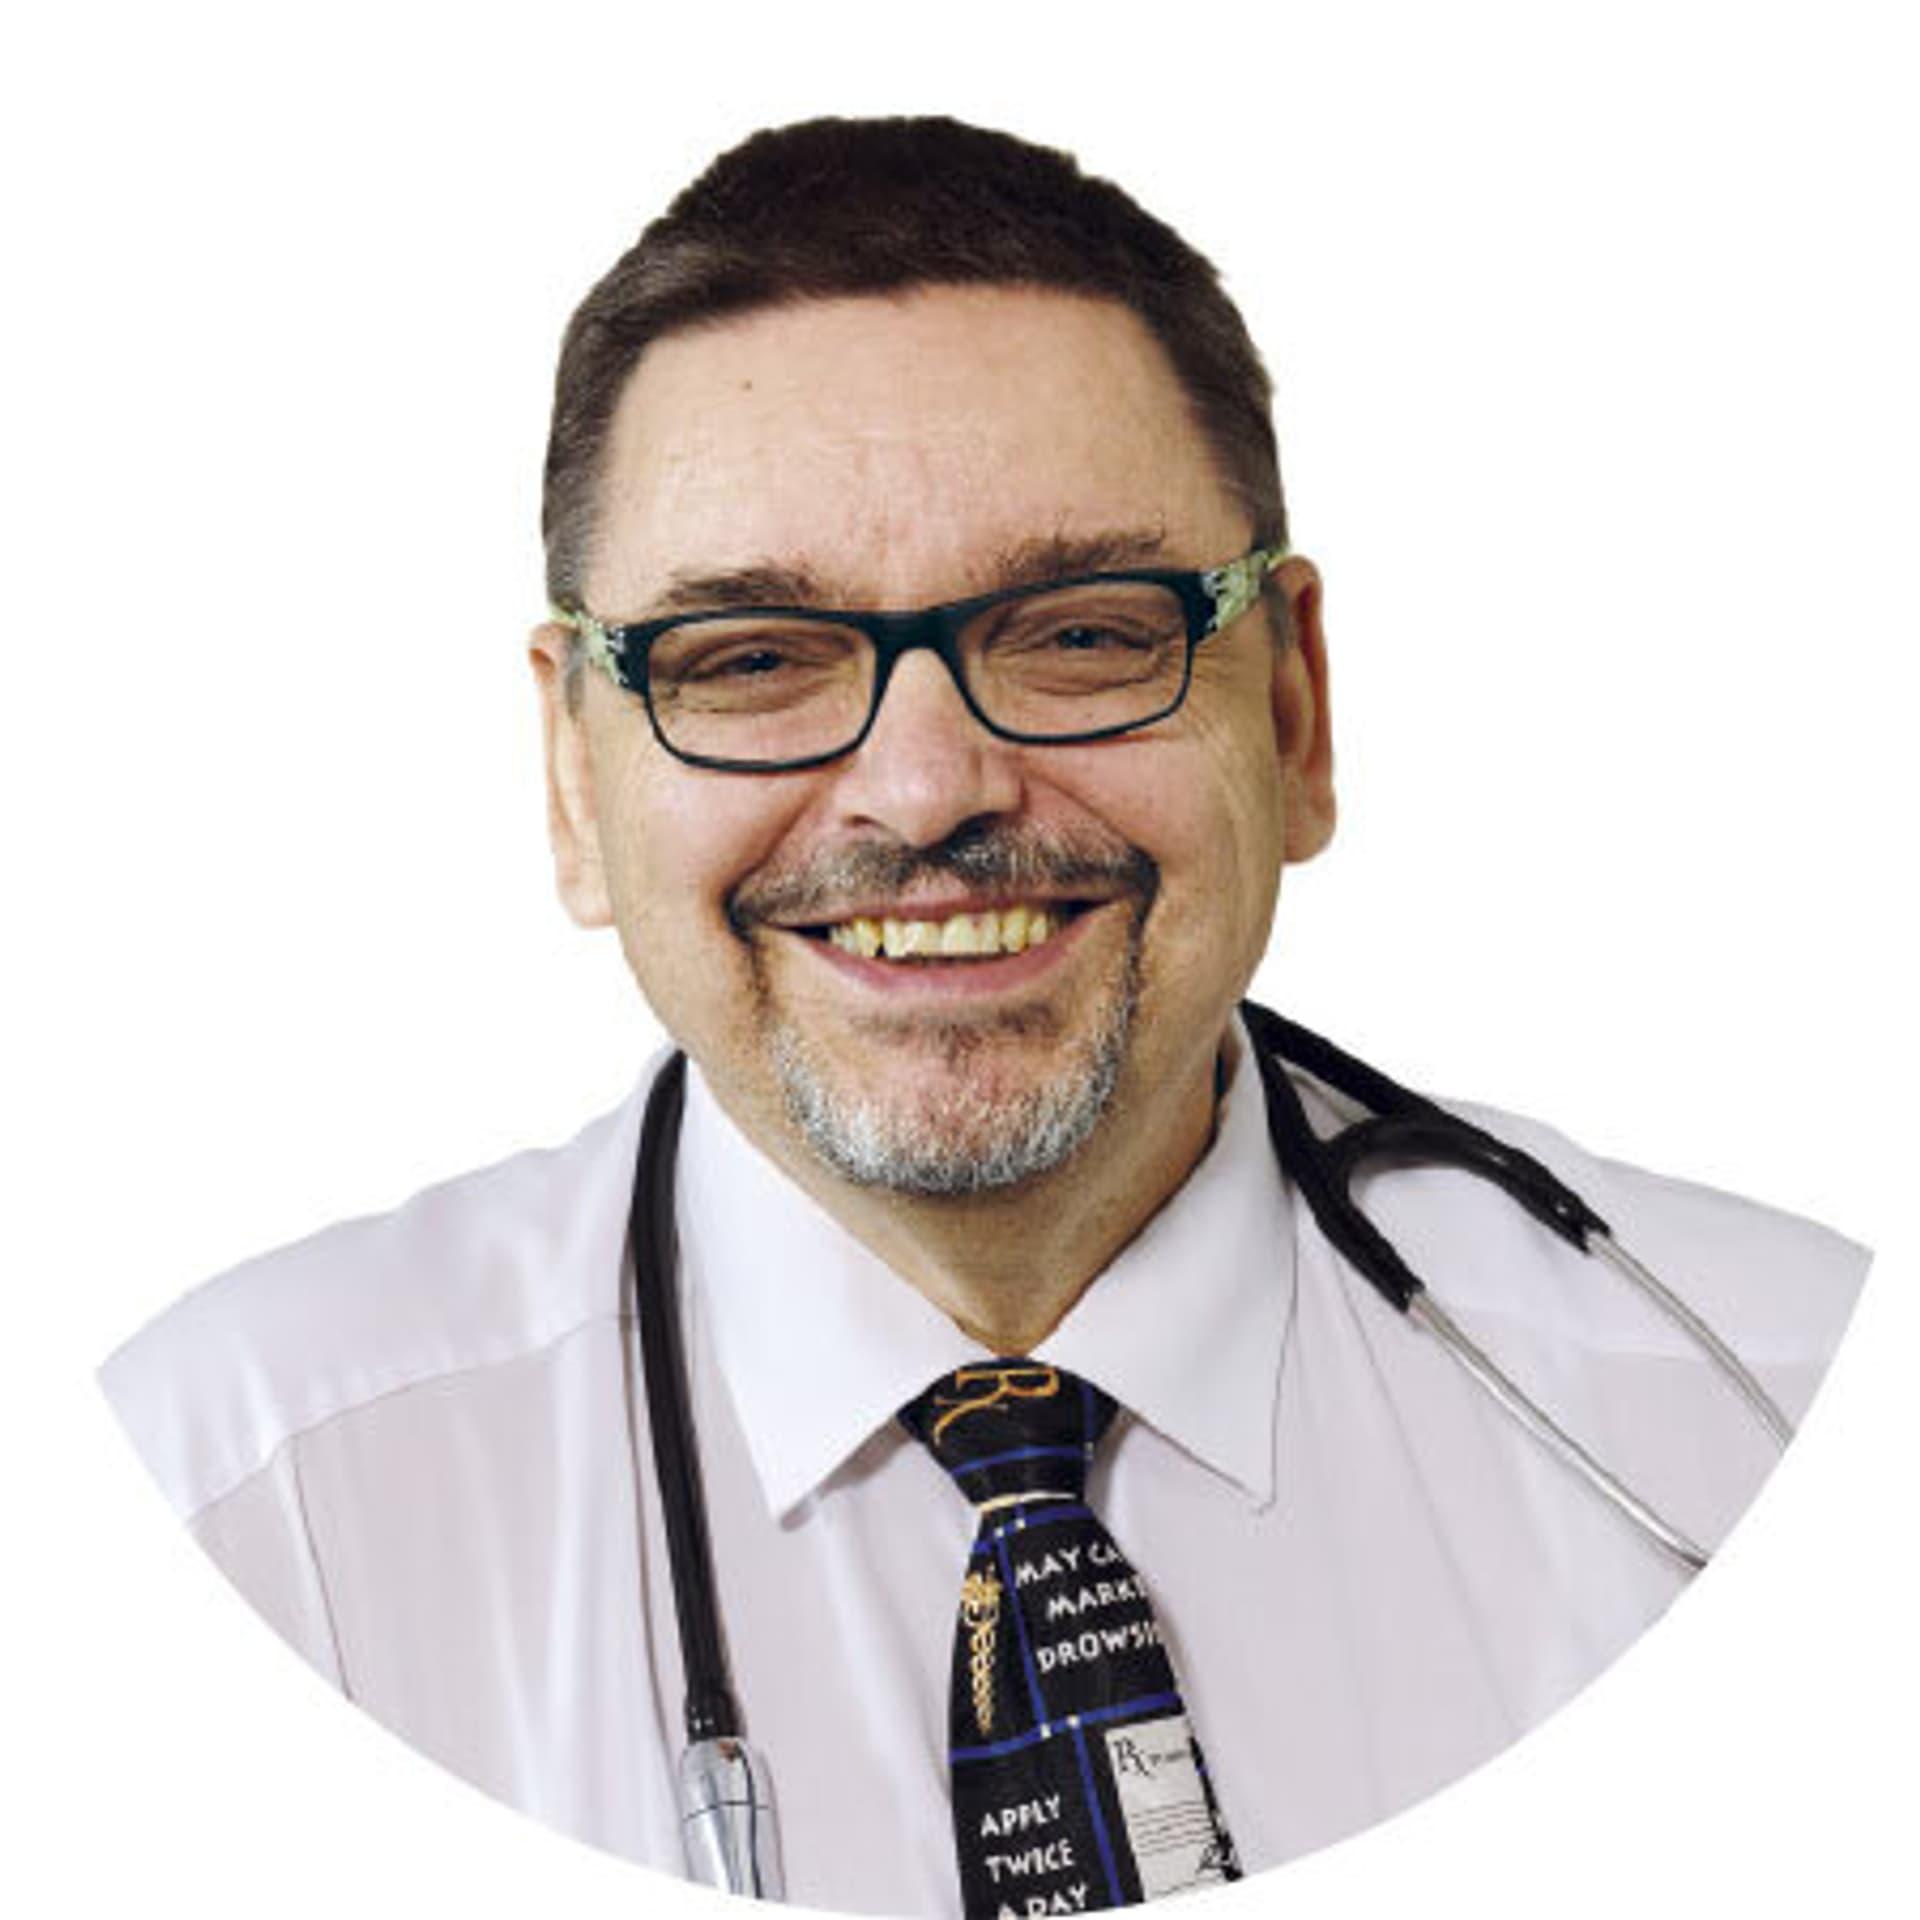 Barczok michael dr